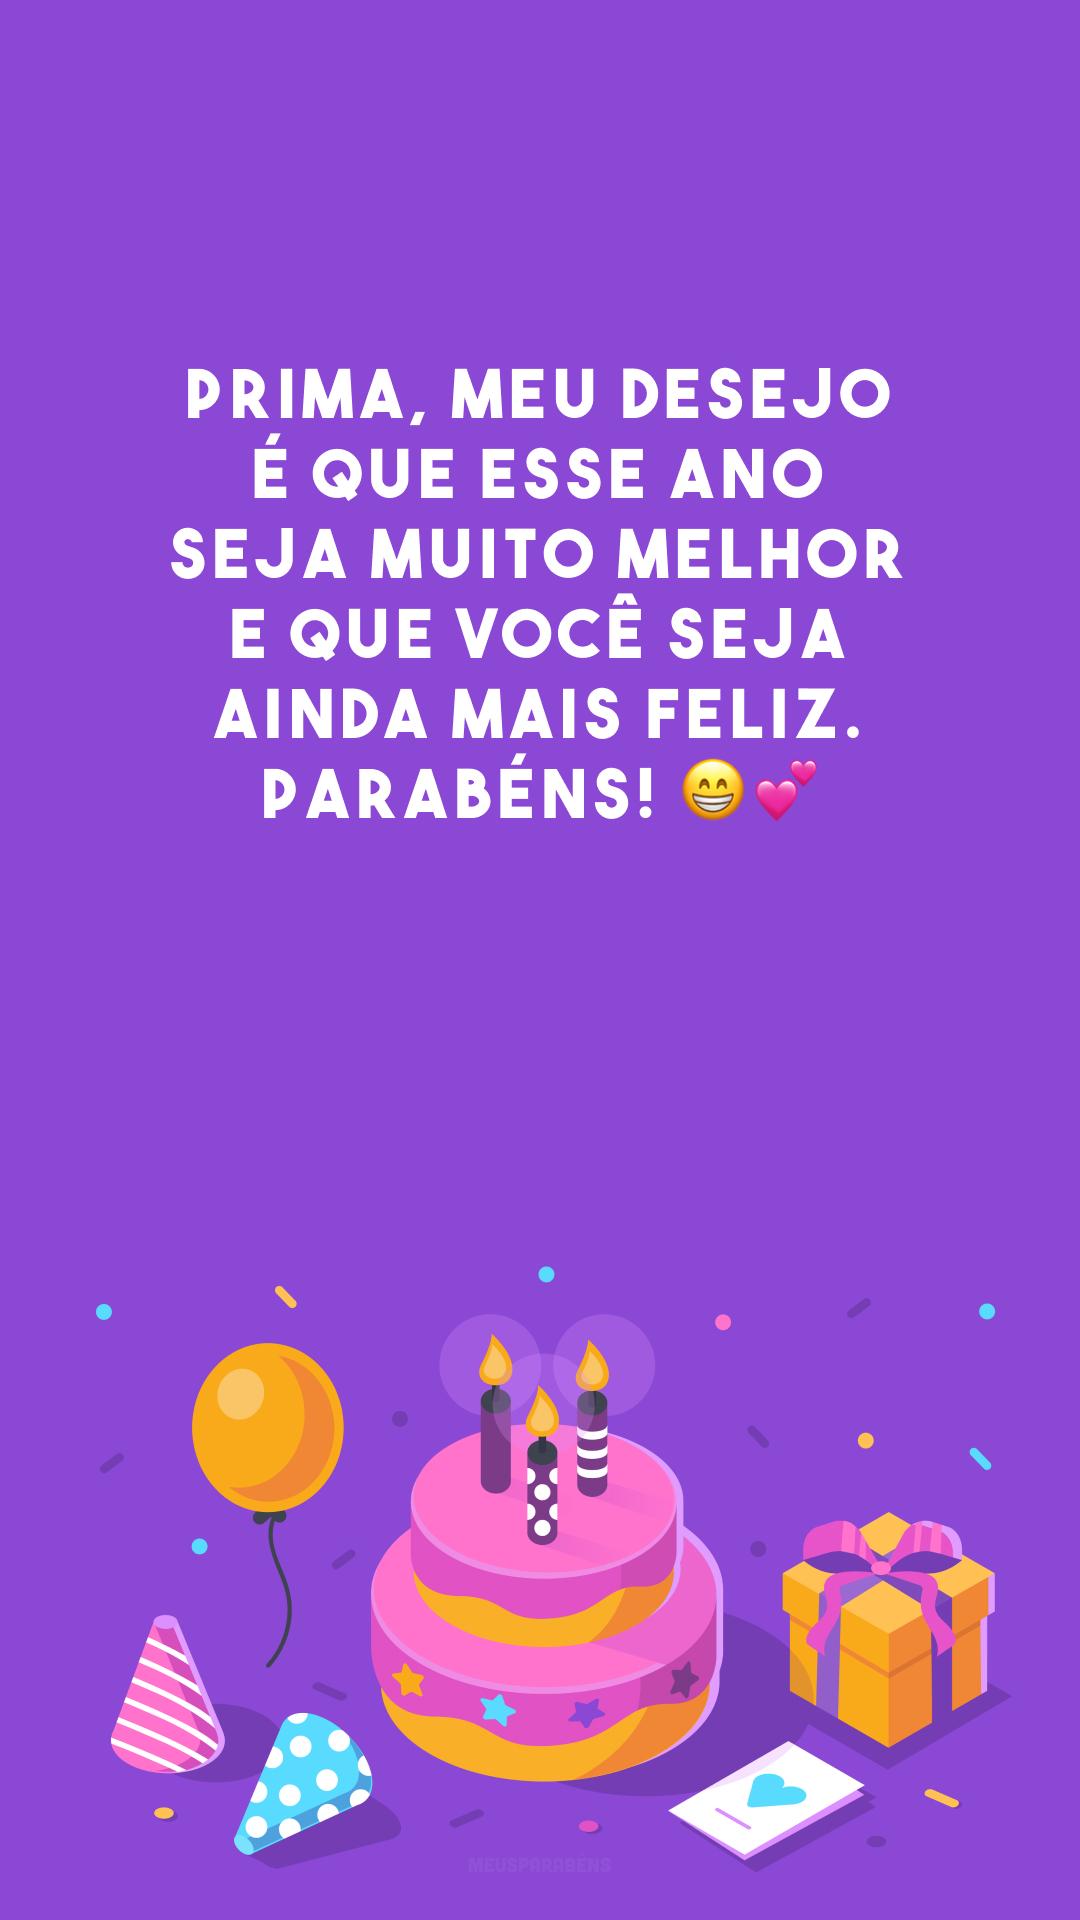 Prima, meu desejo é que esse ano seja muito melhor e que você seja ainda mais feliz. Parabéns! 😁💕